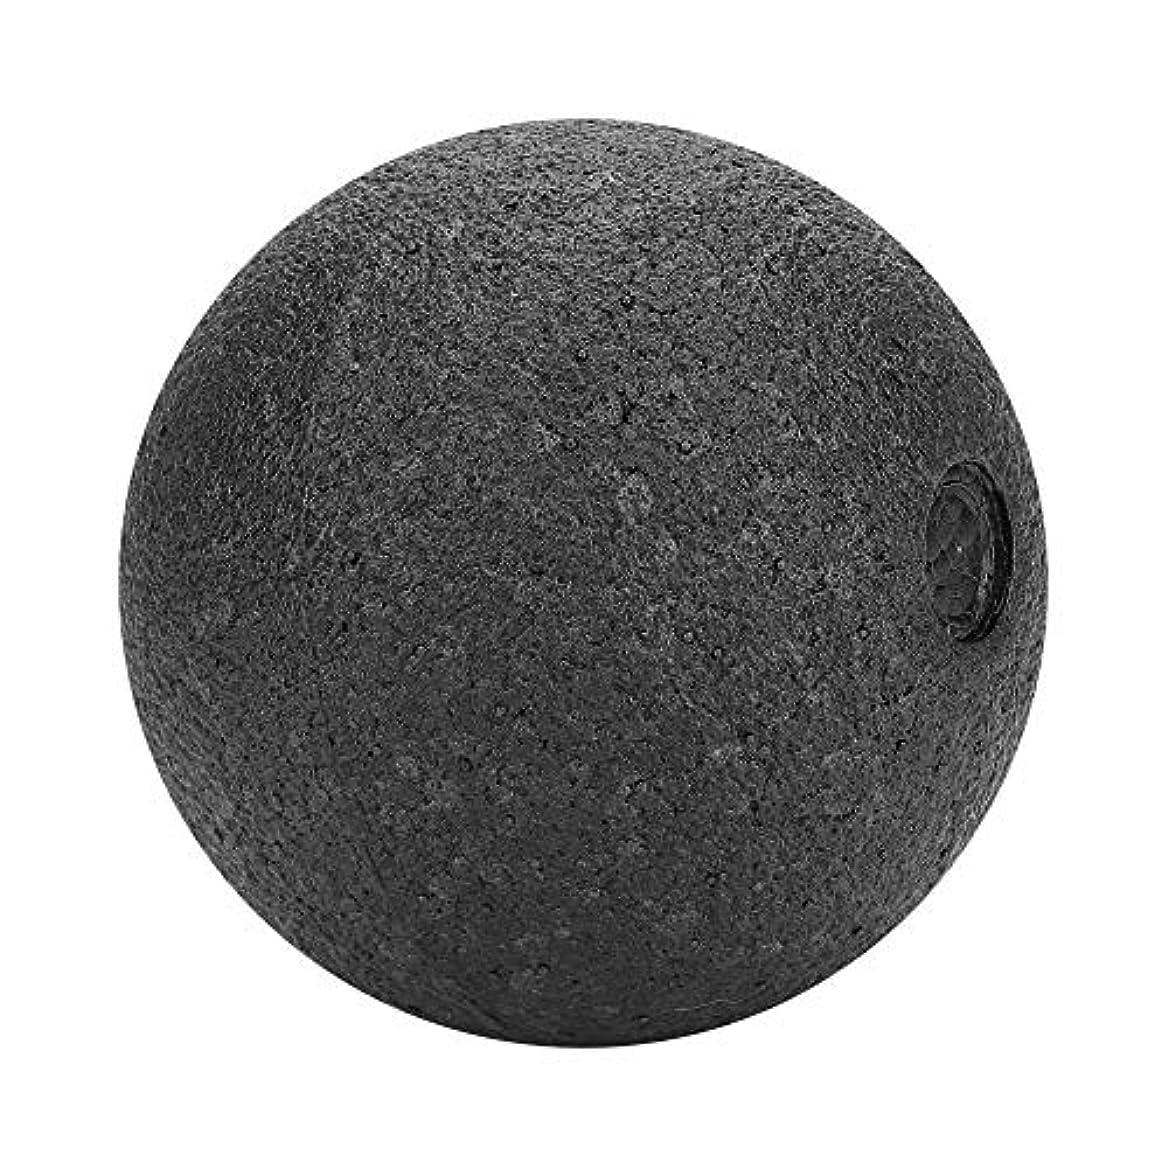 確認マニフェストロデオマッサージボール ストレッチボール トリガーポイント マッサージボール 指圧ボールマッスルマッサージボール、首 腰 背中 肩こり 足裏 ツボ押しグッズ 疲労回復 むくみ解消